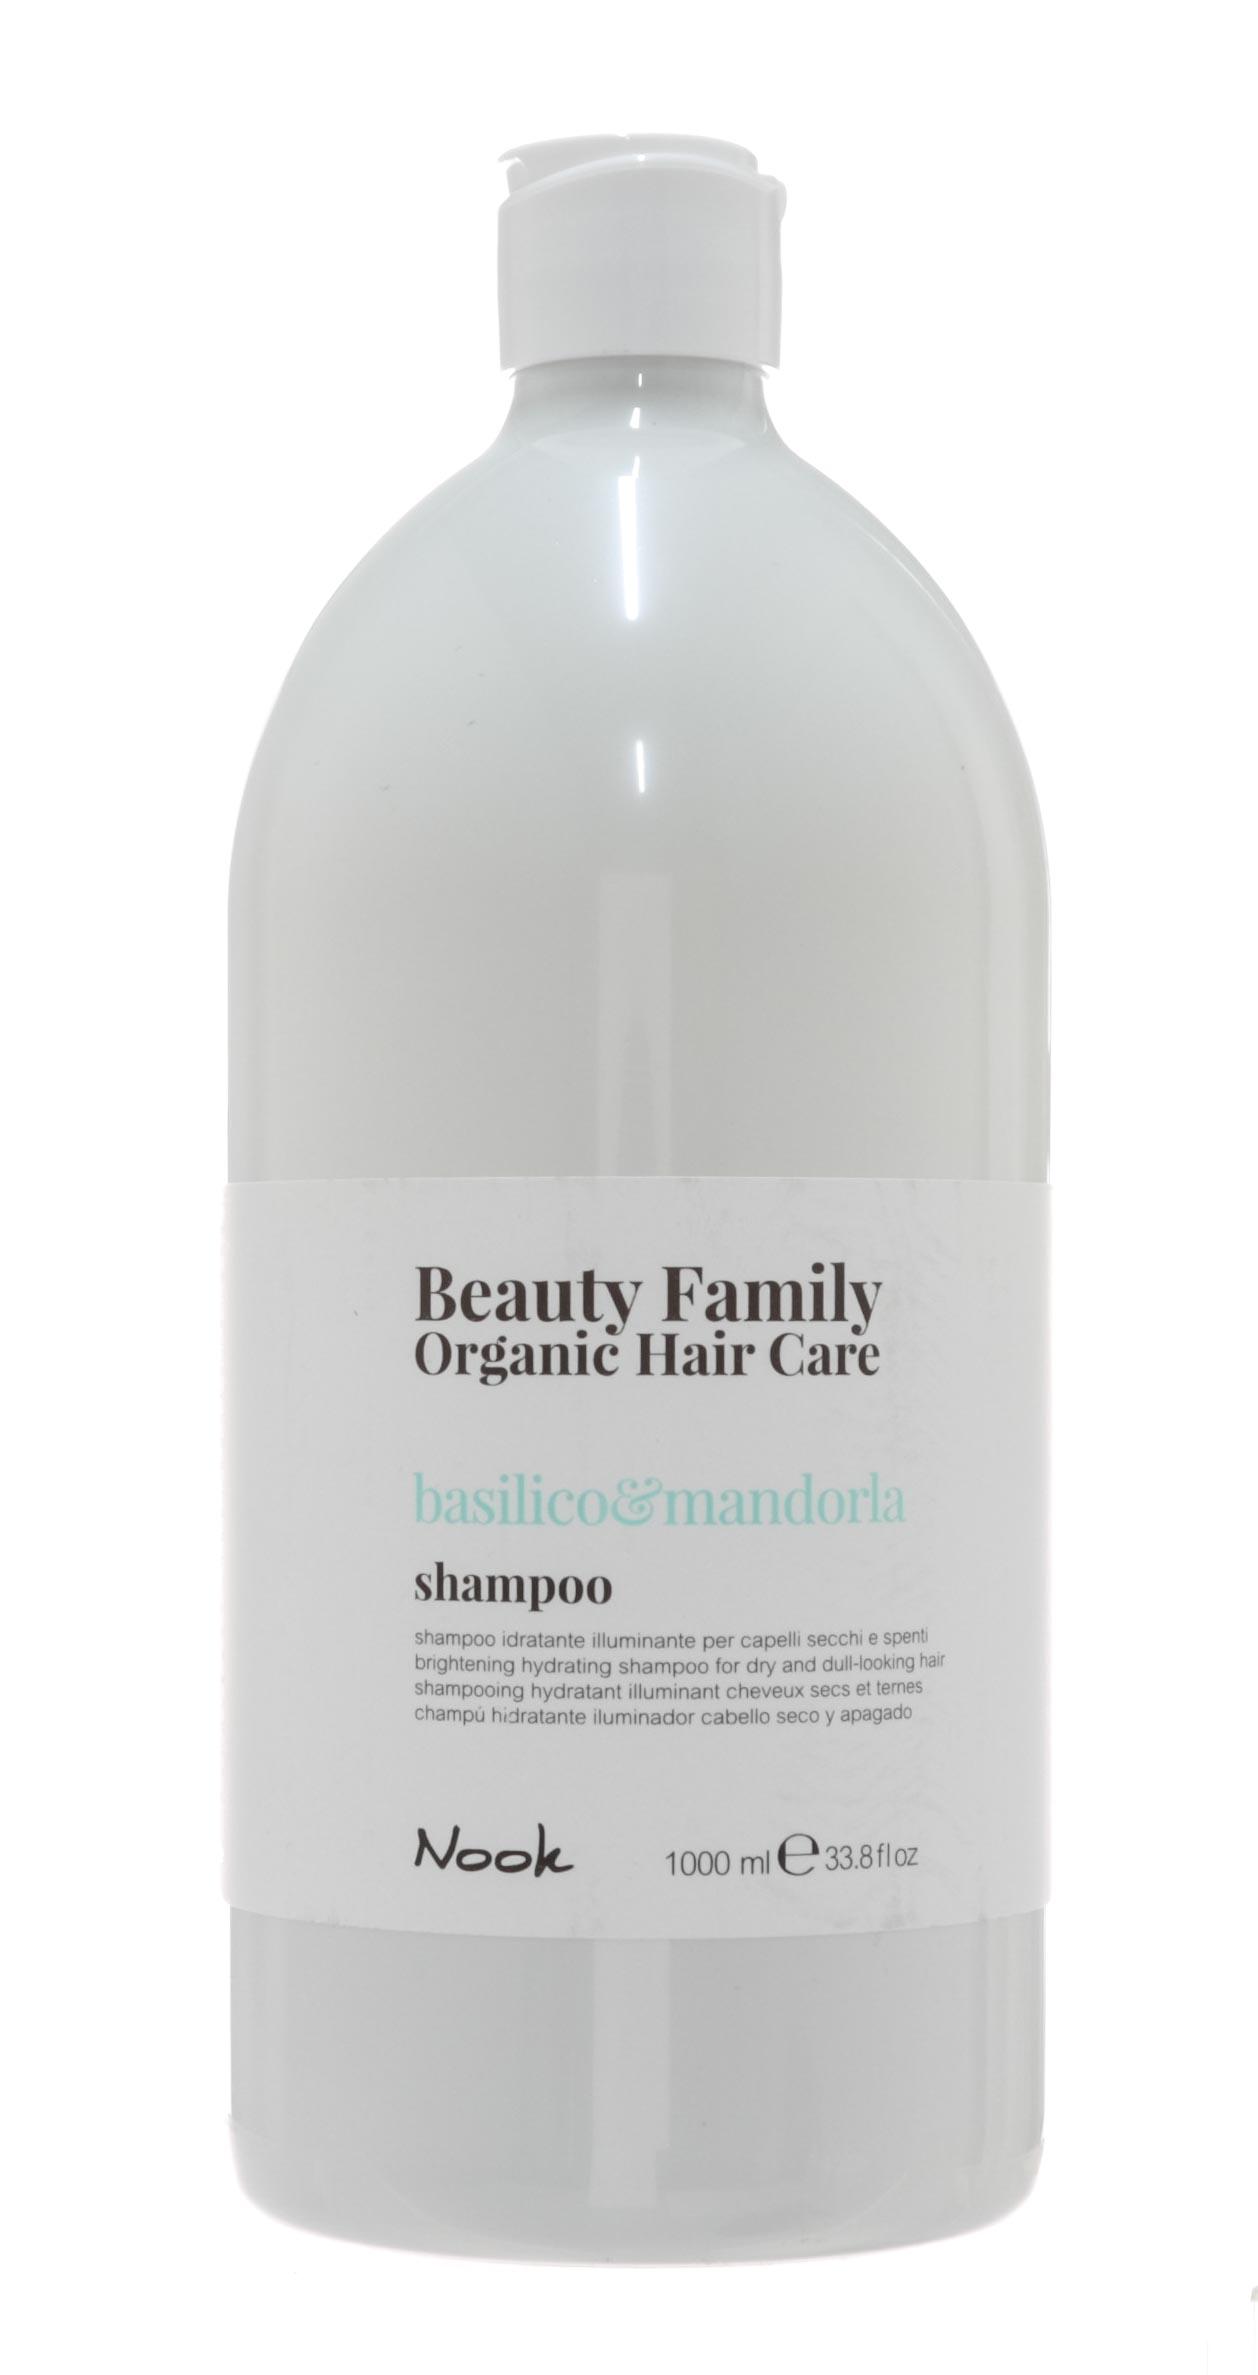 Купить Nook Шампунь для сухих и тусклых волос Basilico&Mandorla, 1000 мл (Nook, Beauty Family)